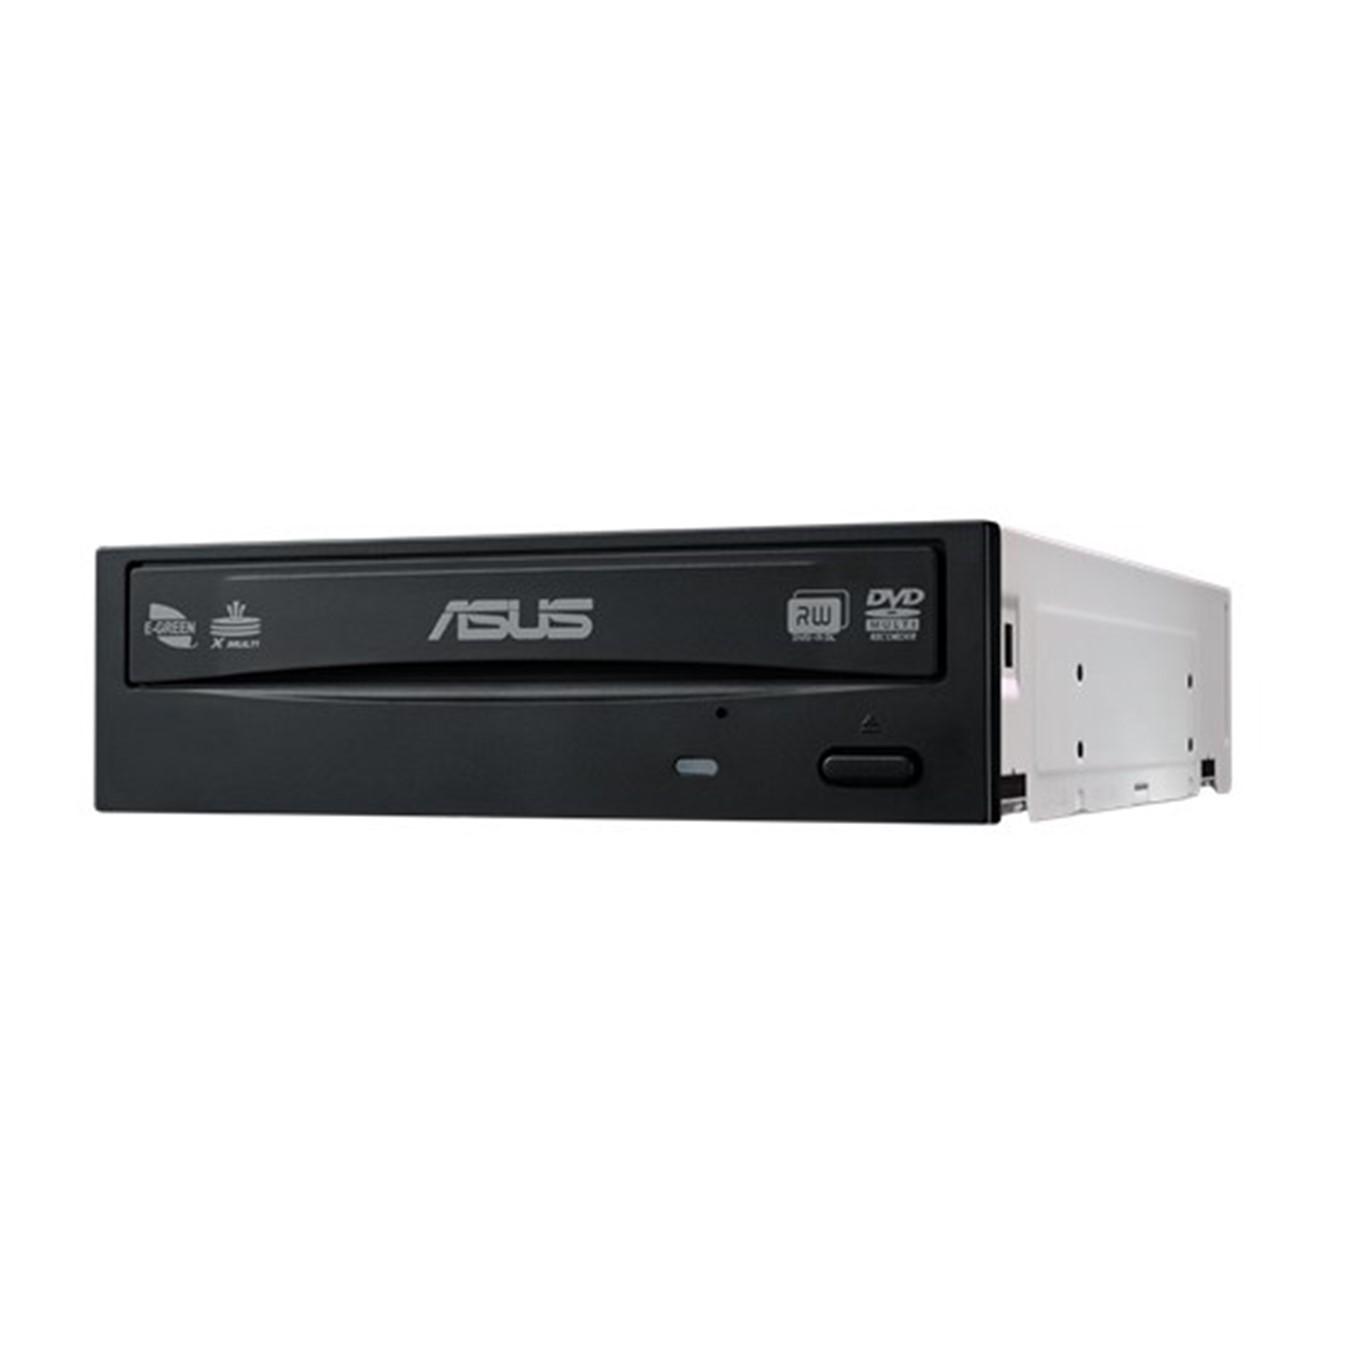 Regrabadora dvd asus drw - 24d5mt 24x negra sata